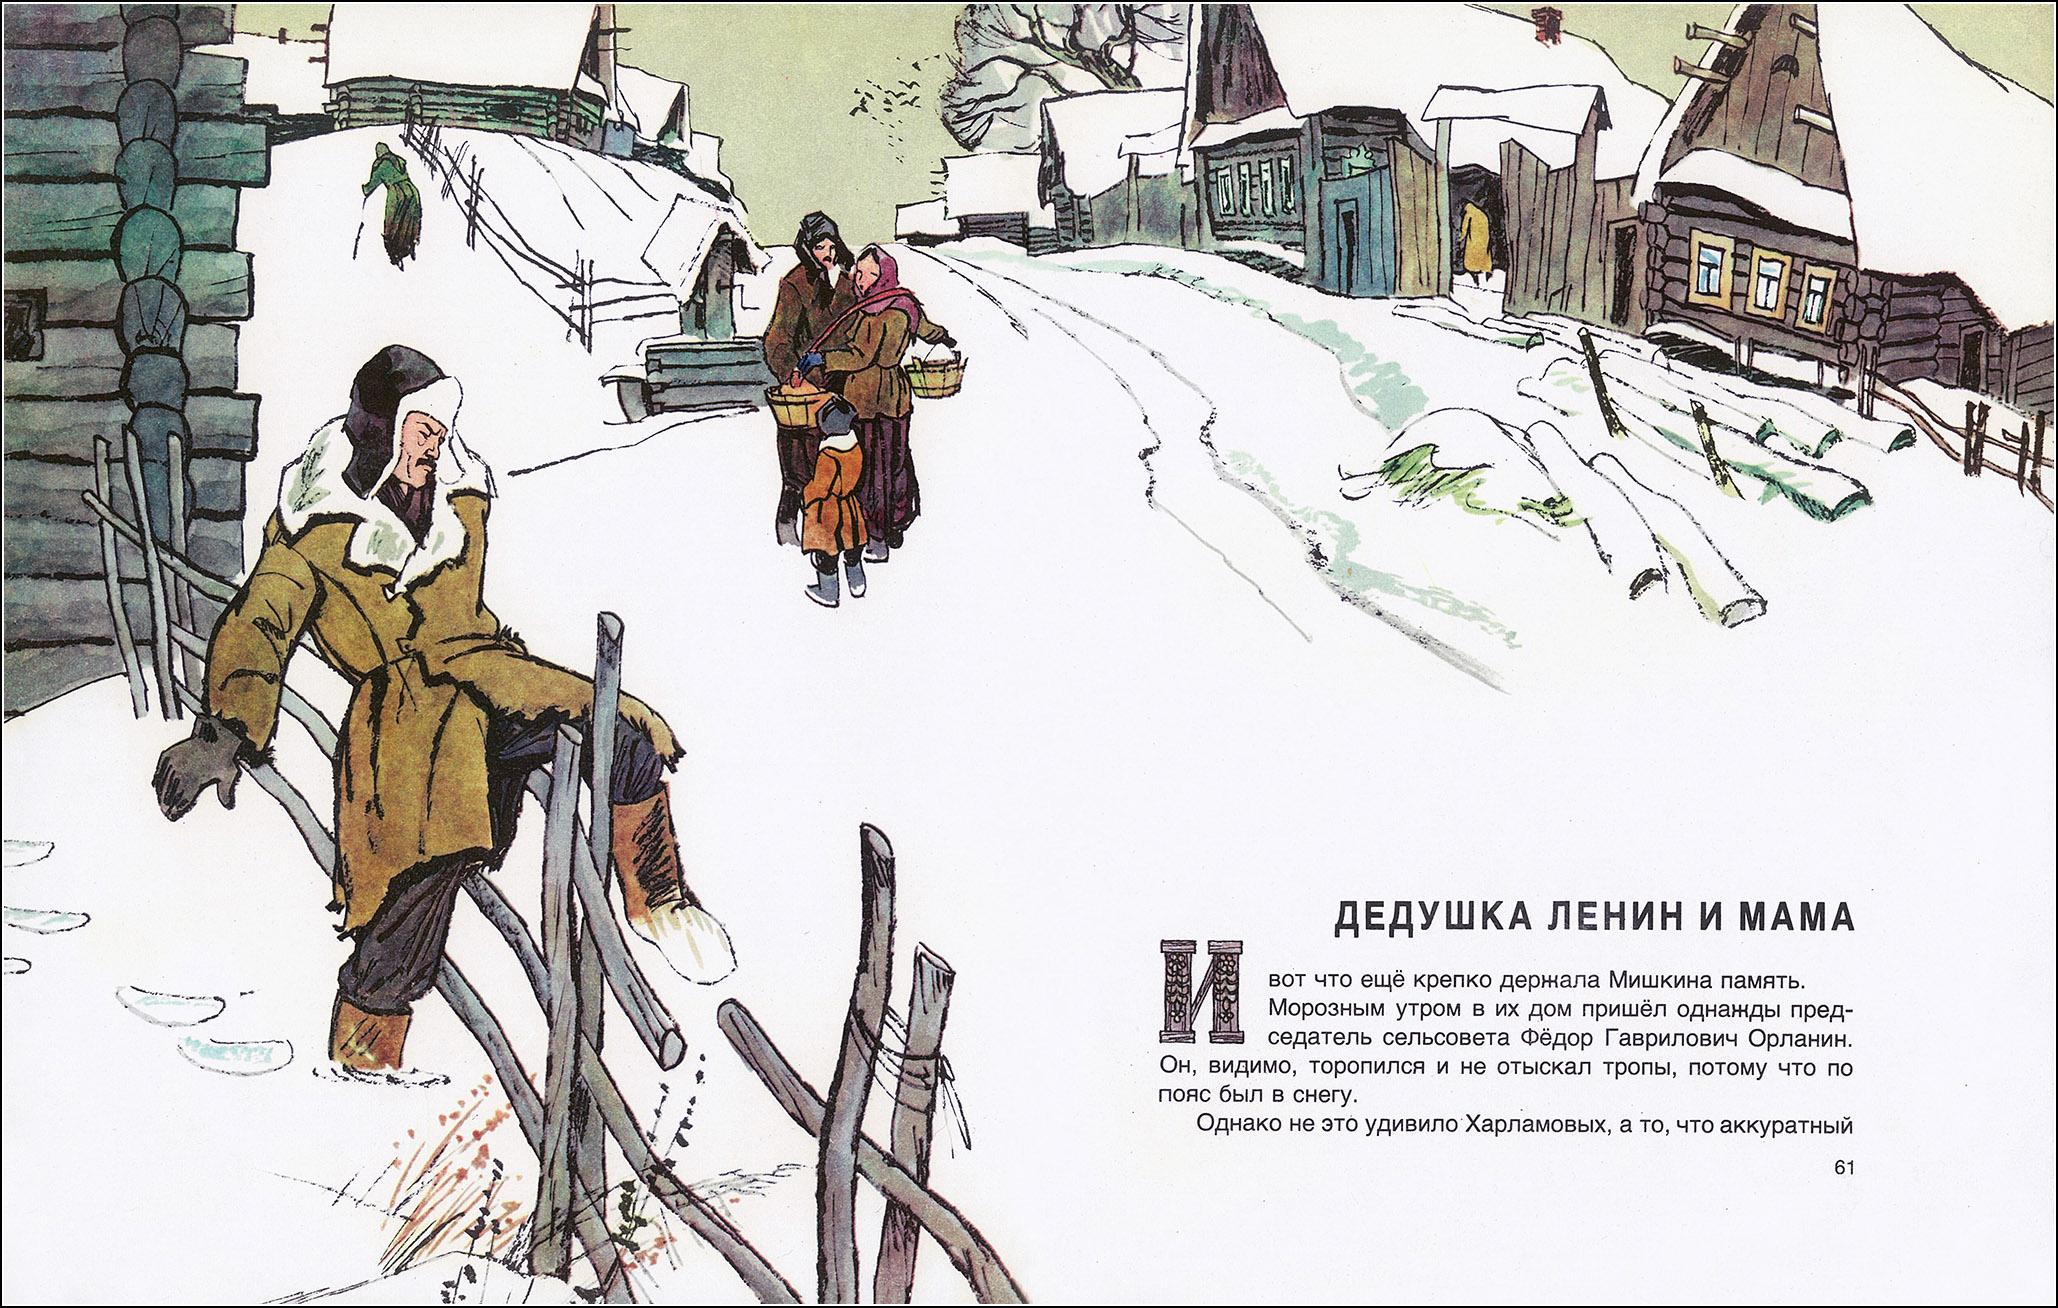 Михаил Петров, Мишкино детство